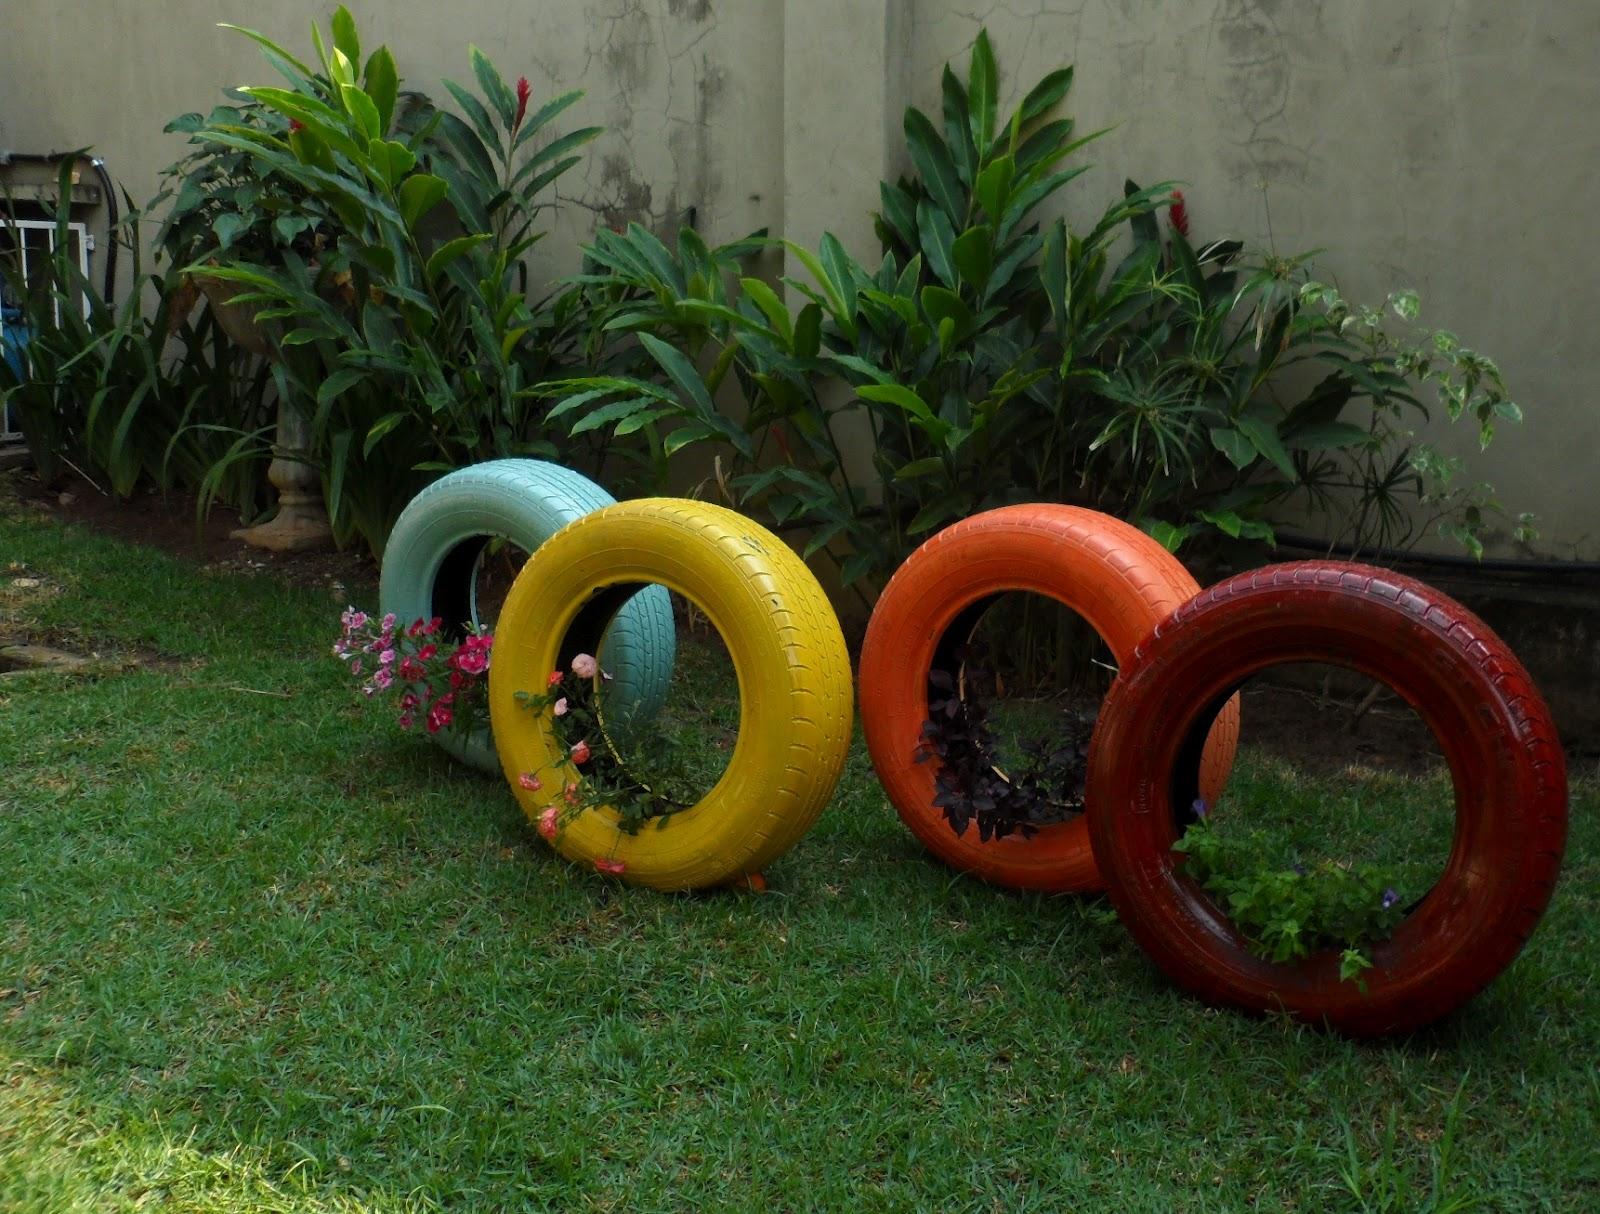 jardim quintal grande : jardim quintal grande:Marília Sustentável: Setembro 2012